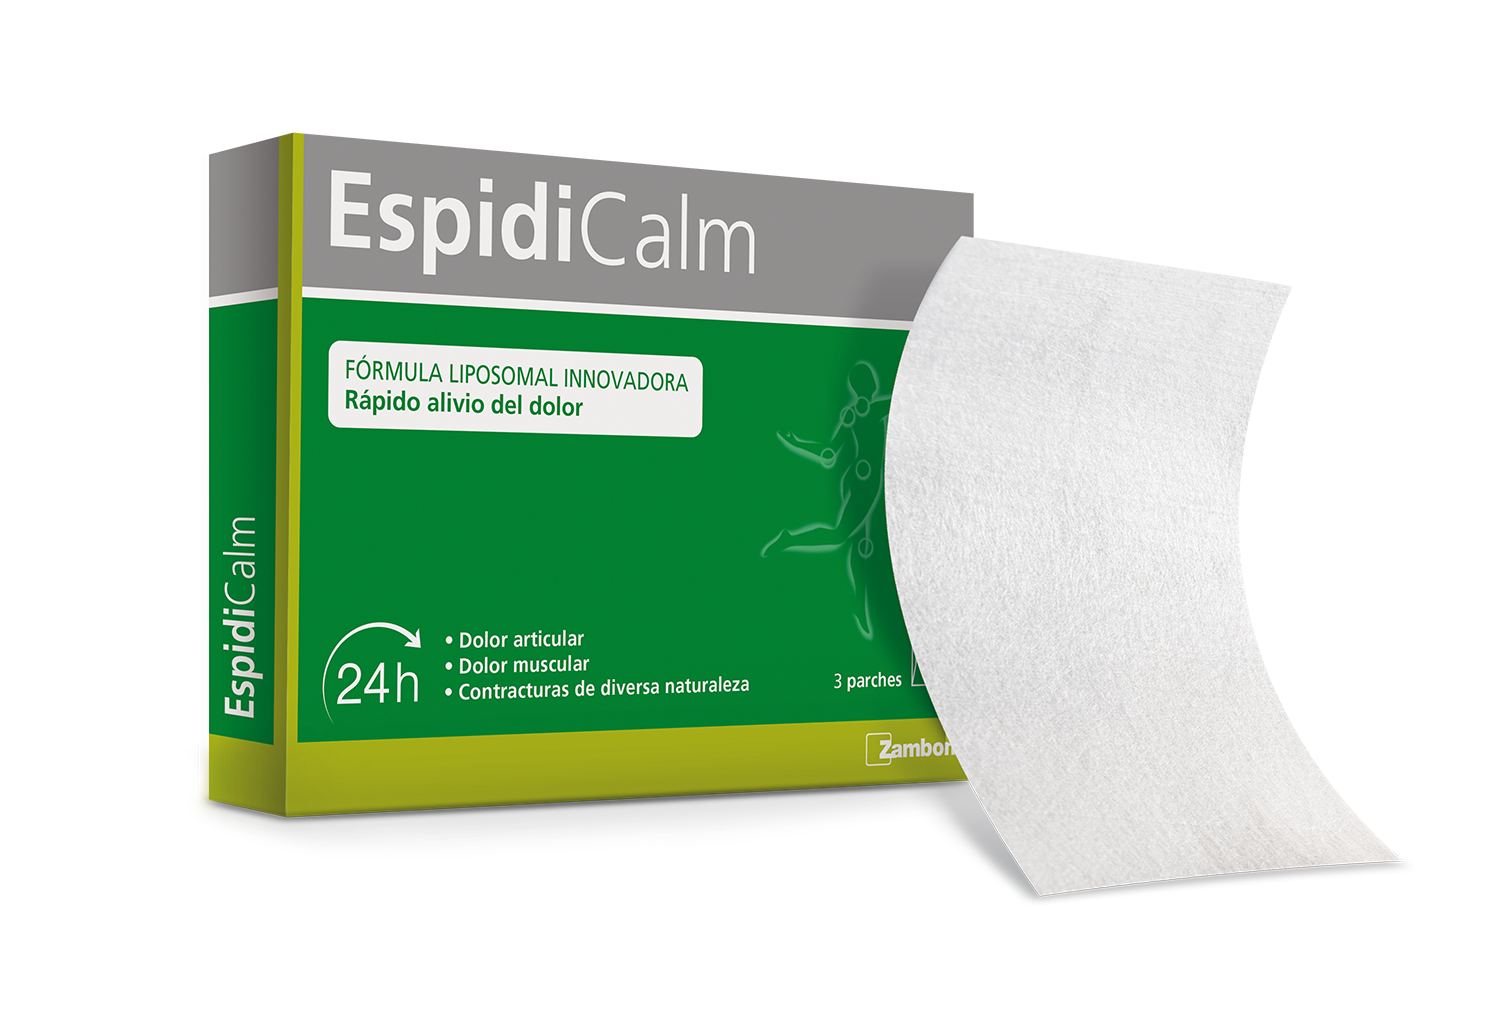 Imagen _EspidiCalm